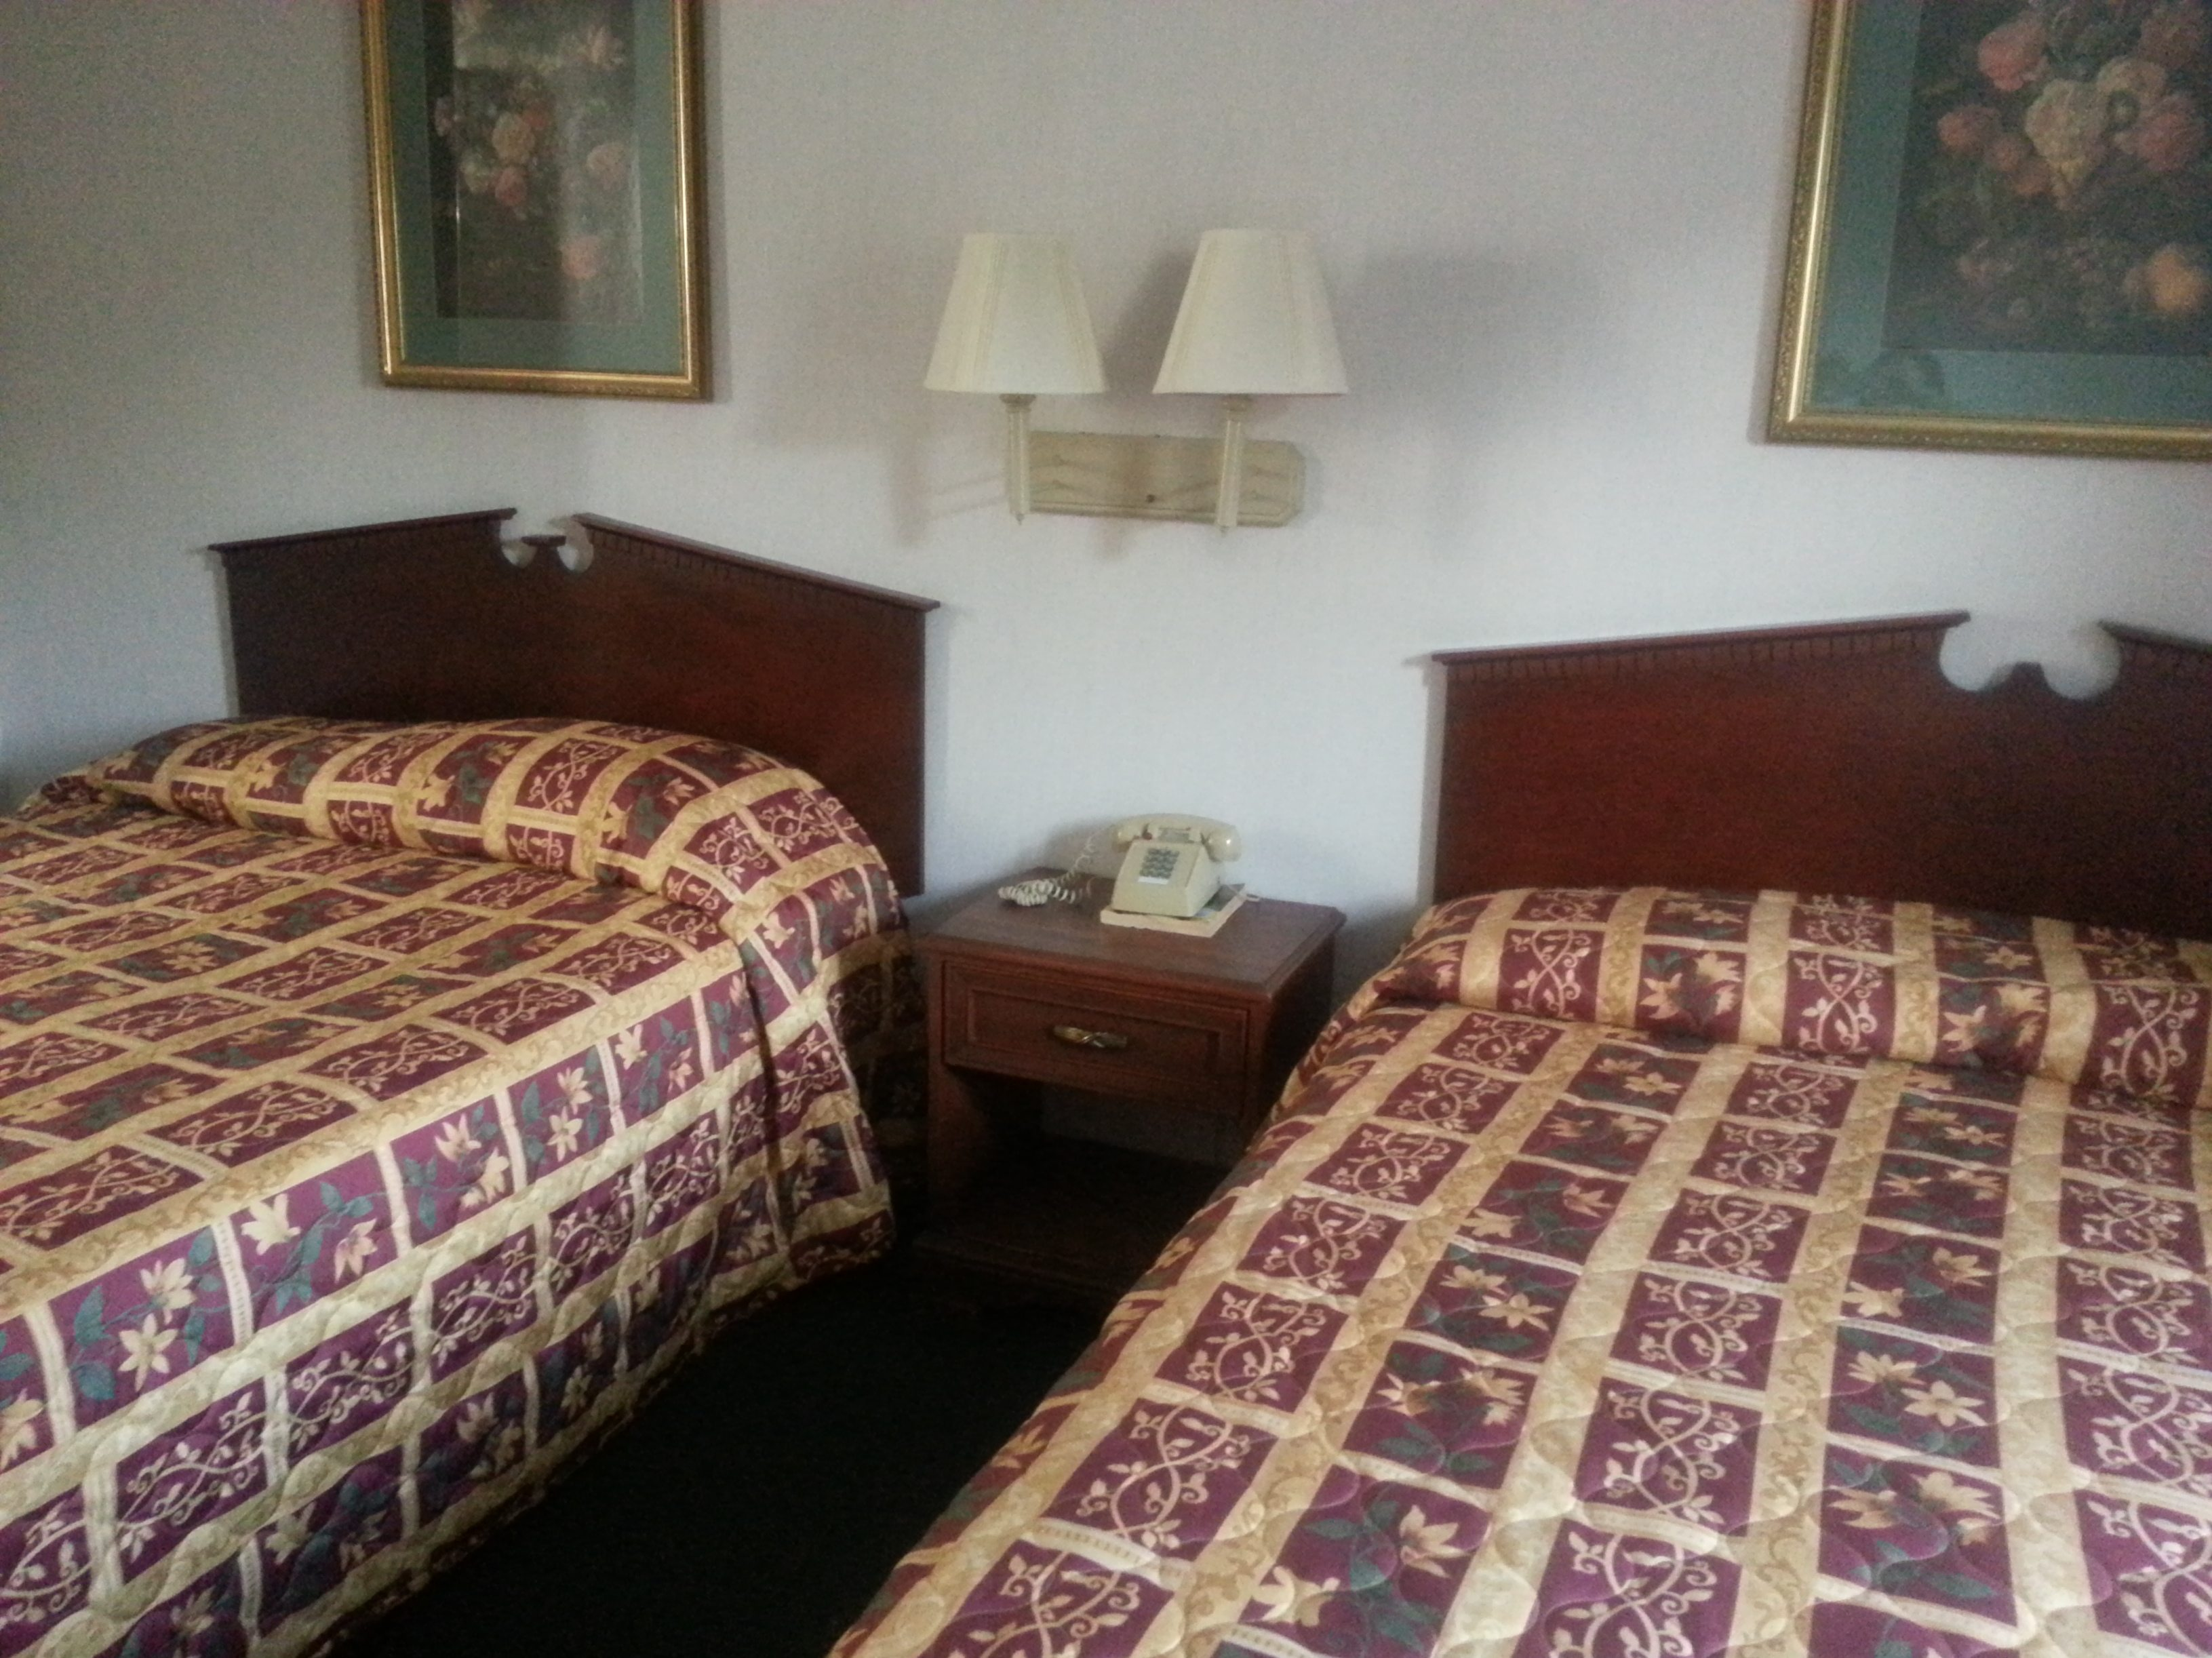 Ozark Inn & Suites, Osage Beach MO